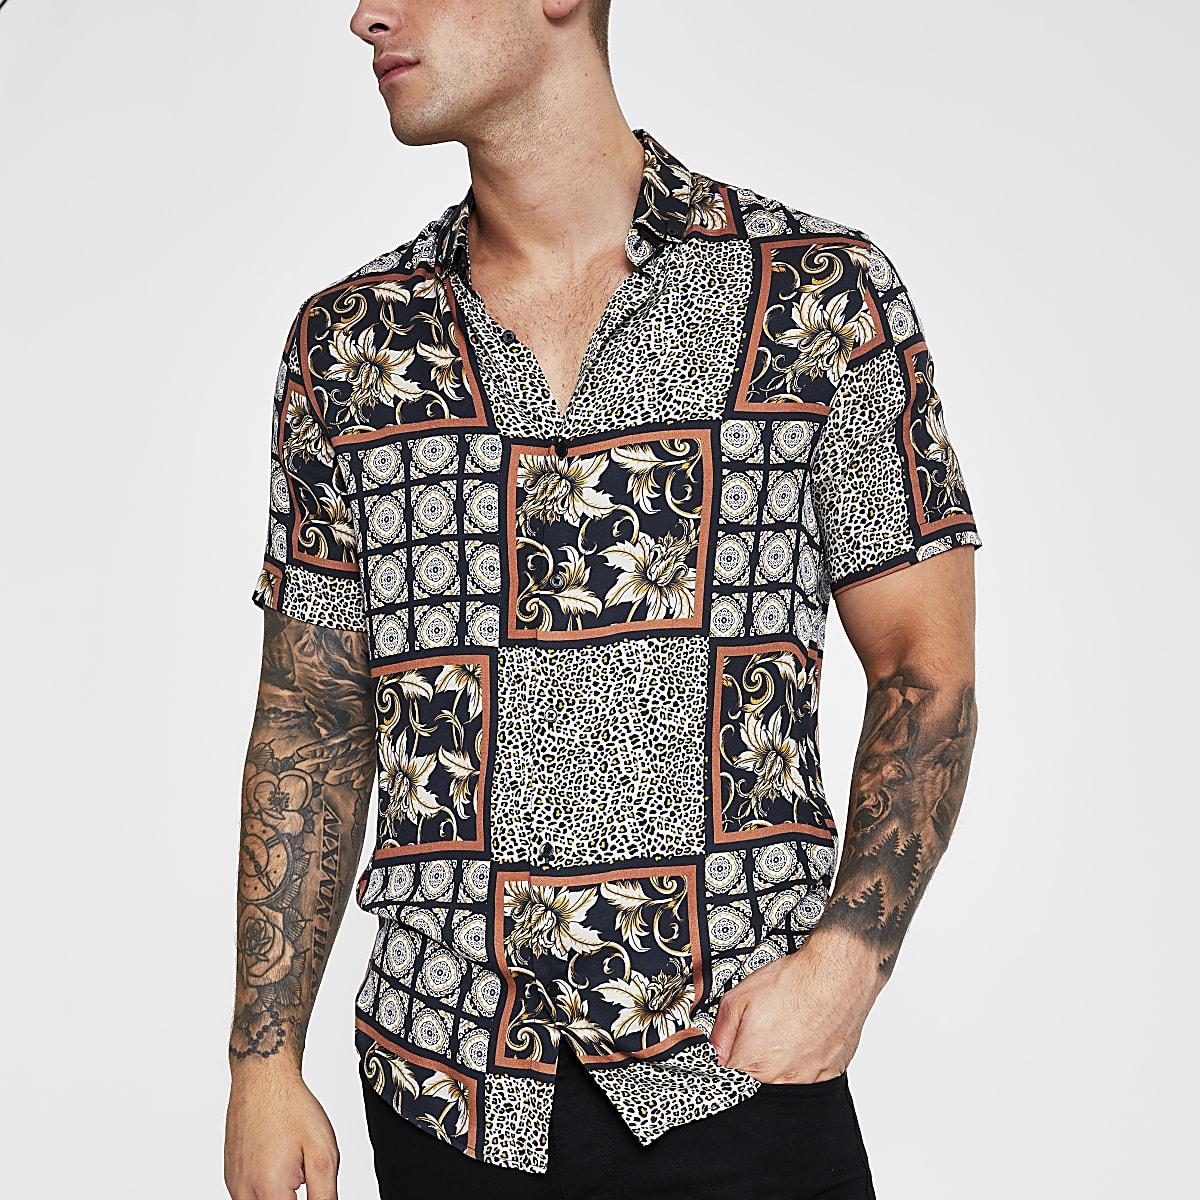 Black mixed tile and animal print shirt